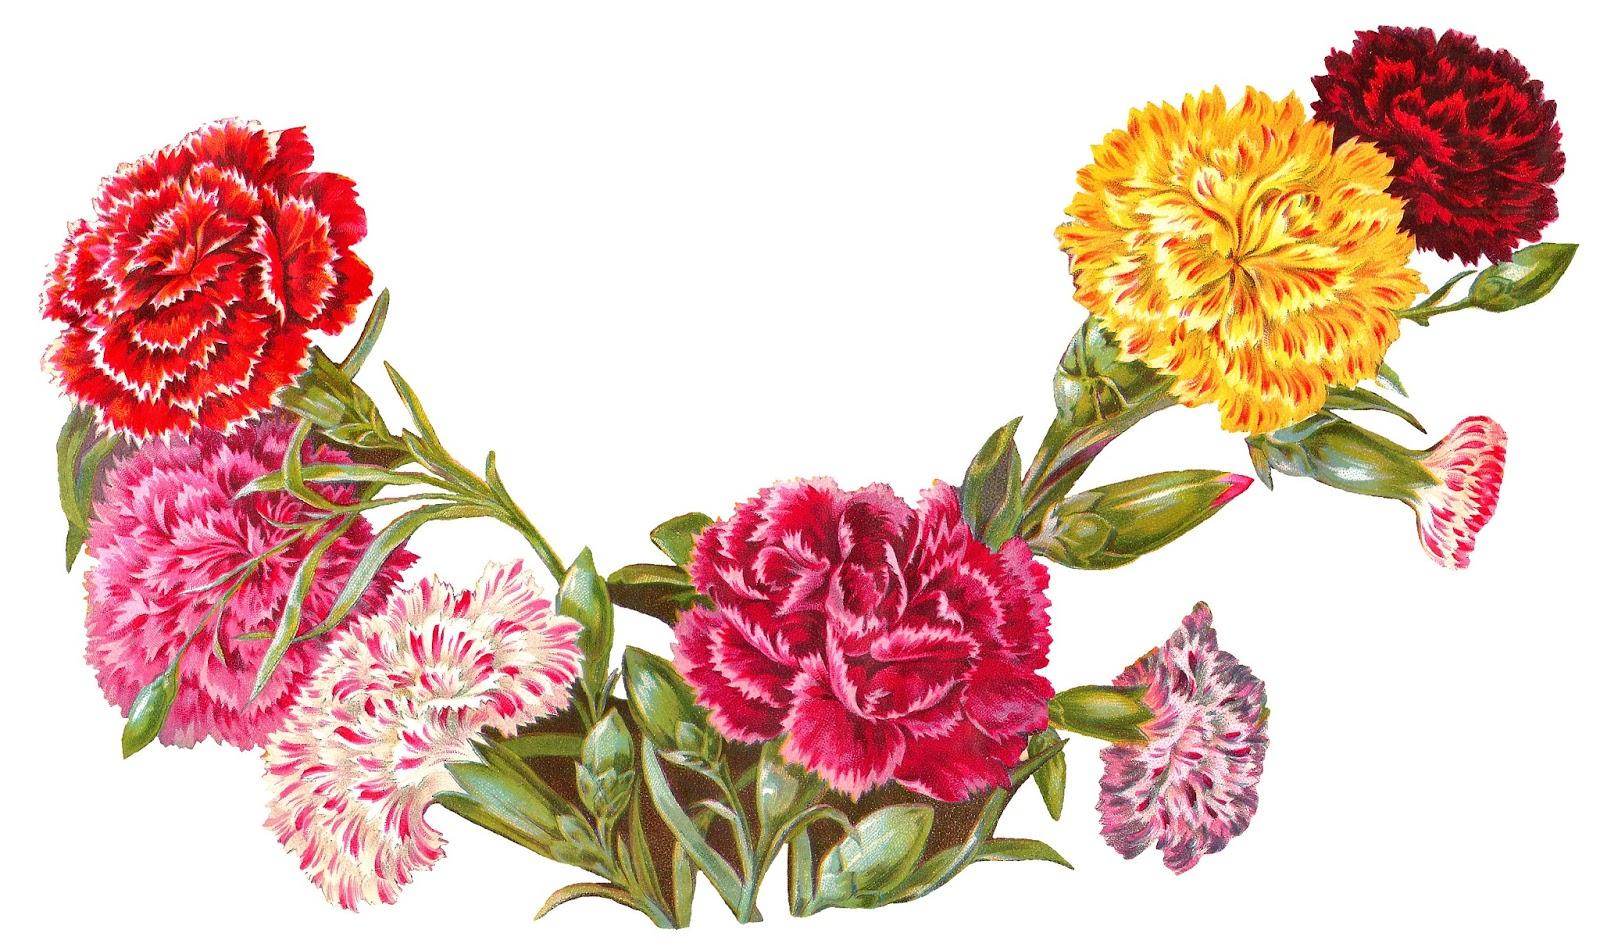 antique images old botanical art carnation illustration carnation clipart images carnation clipart free